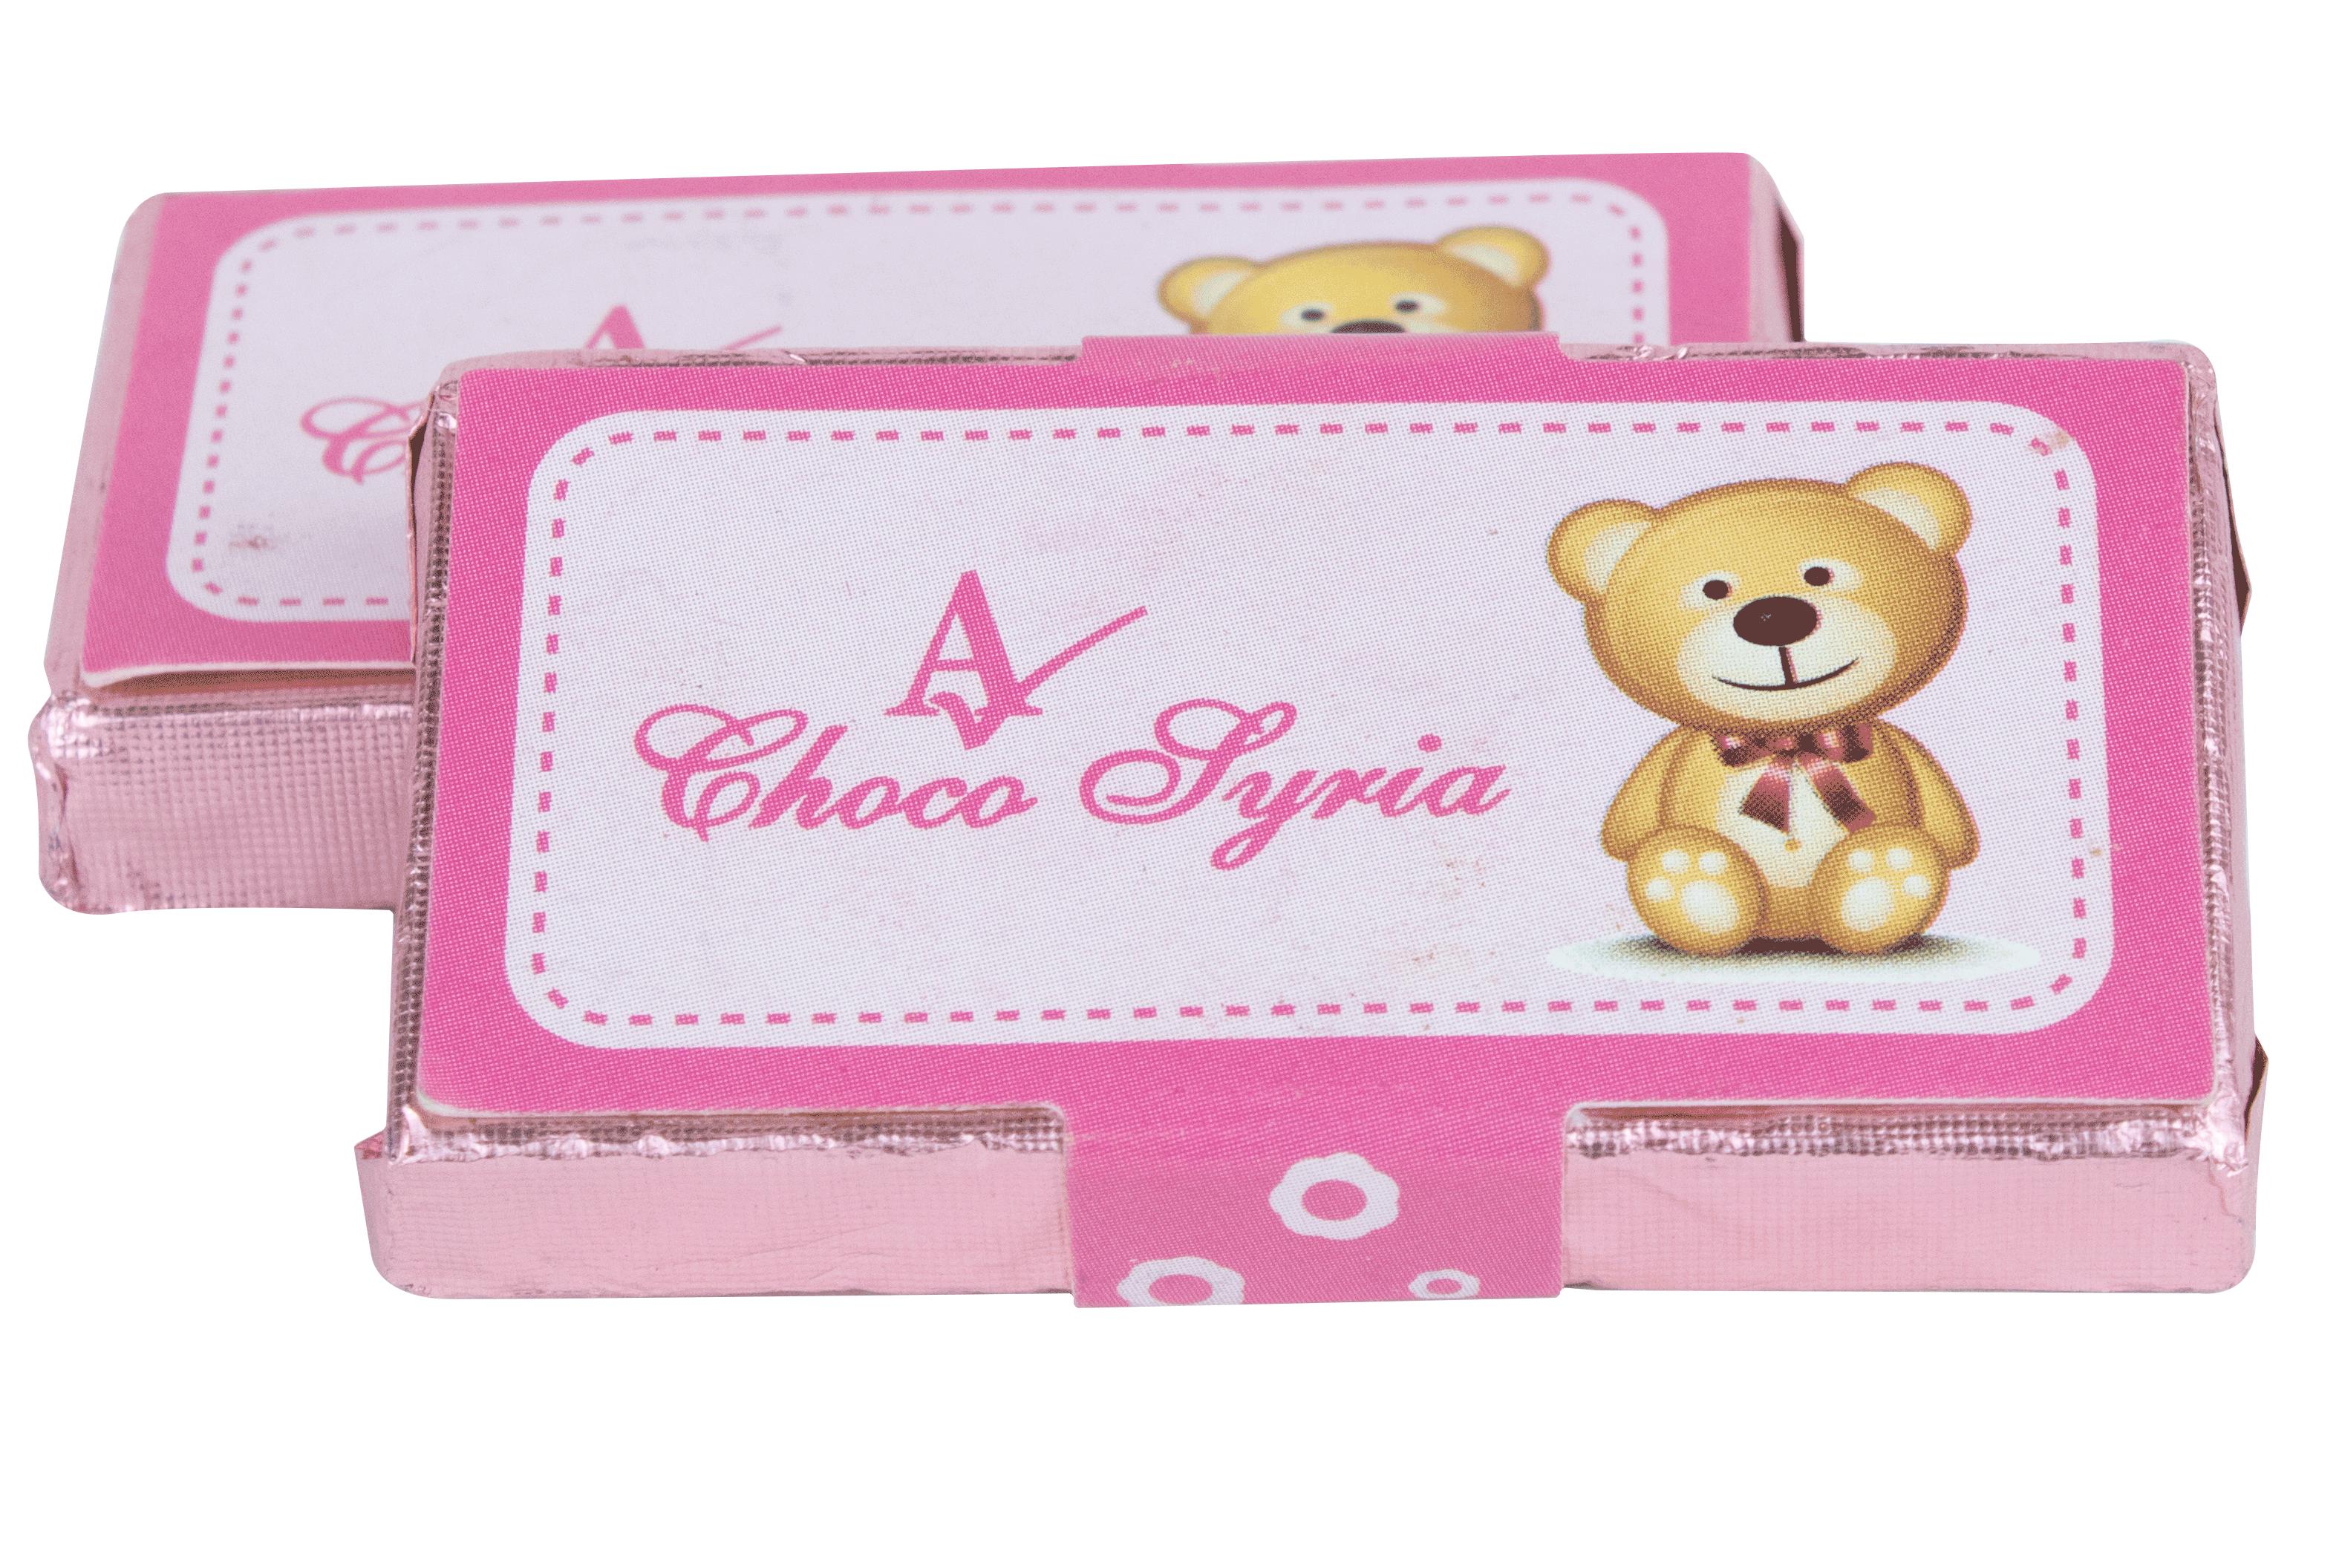 Baby carton